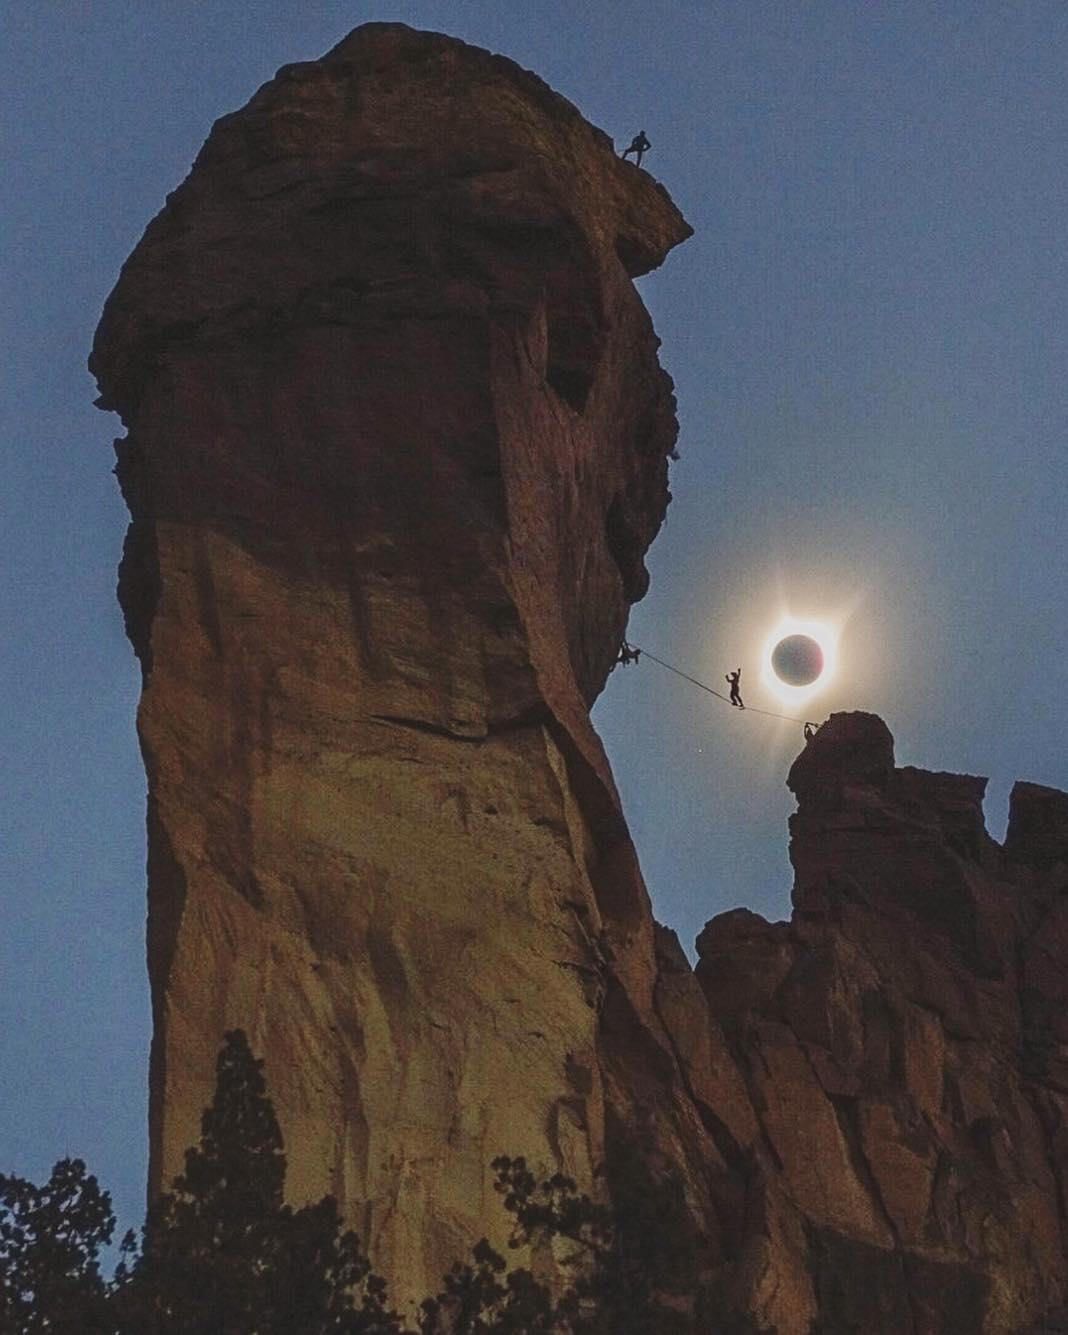 Zaćmienie słońca w górach. Człowiek chodzący na linie